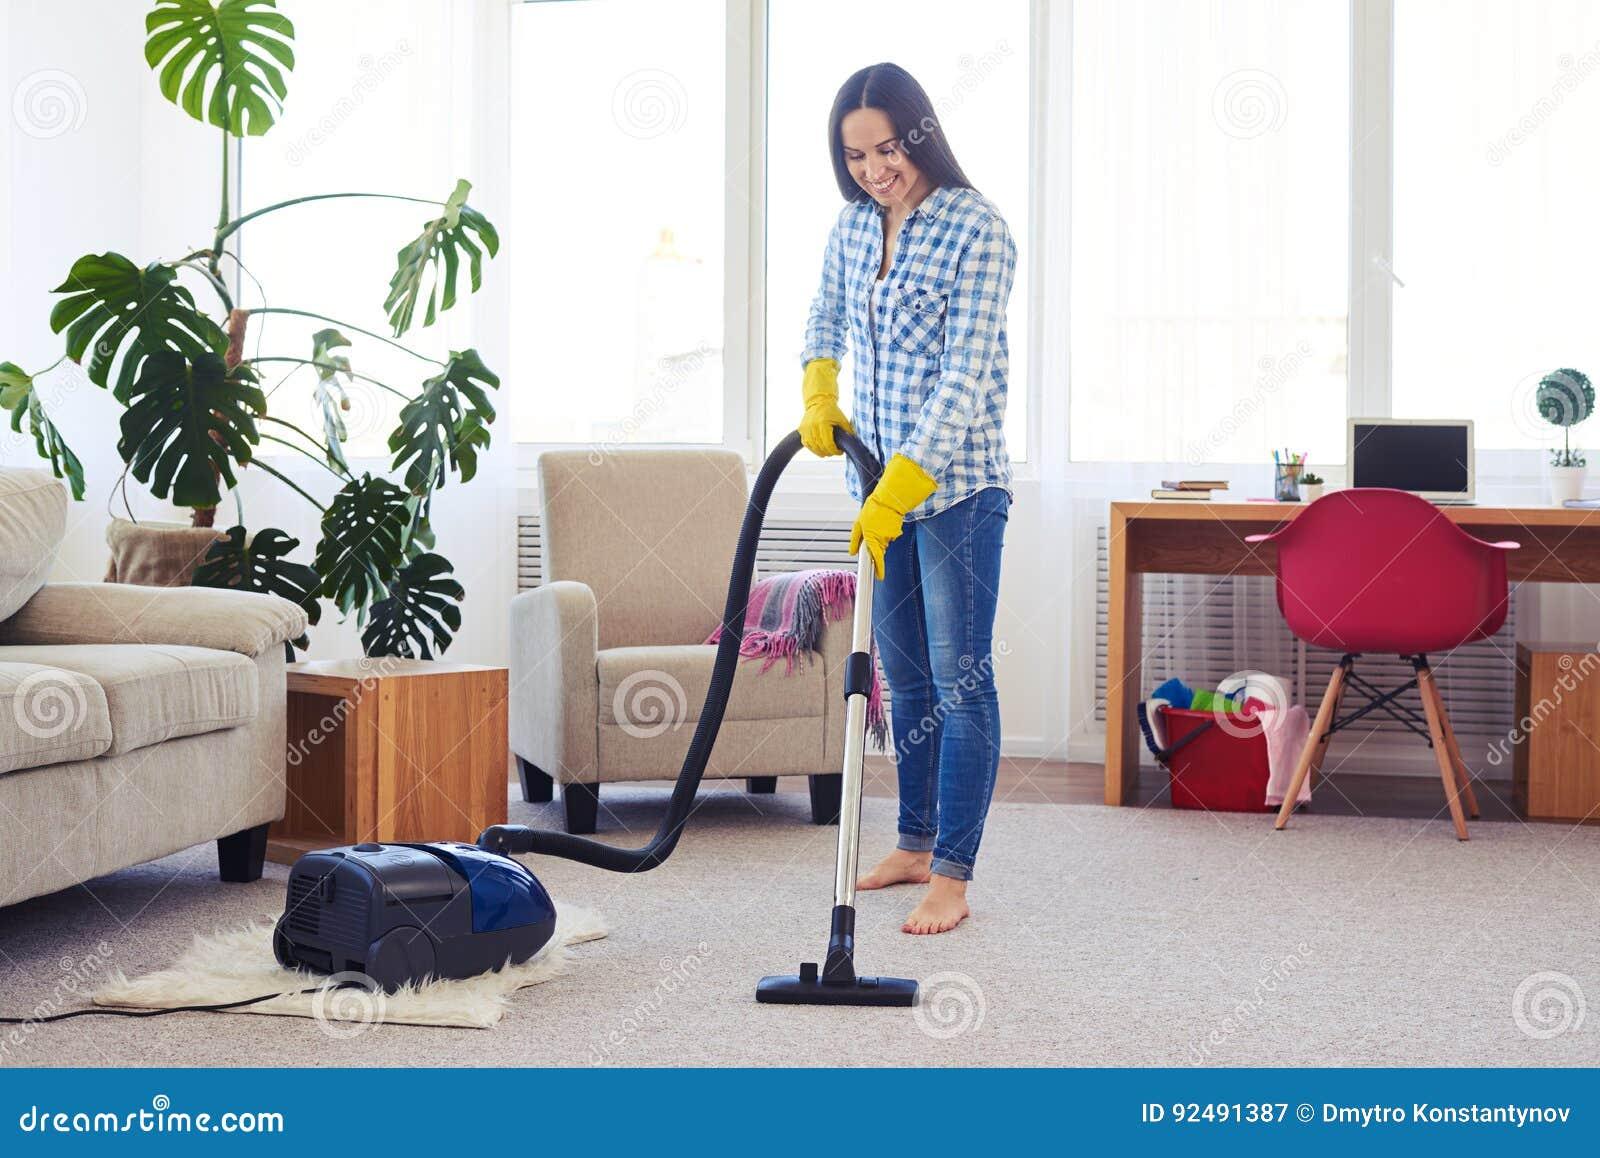 Het charmante huisvrouw schoonmaken met stofzuigertapijt